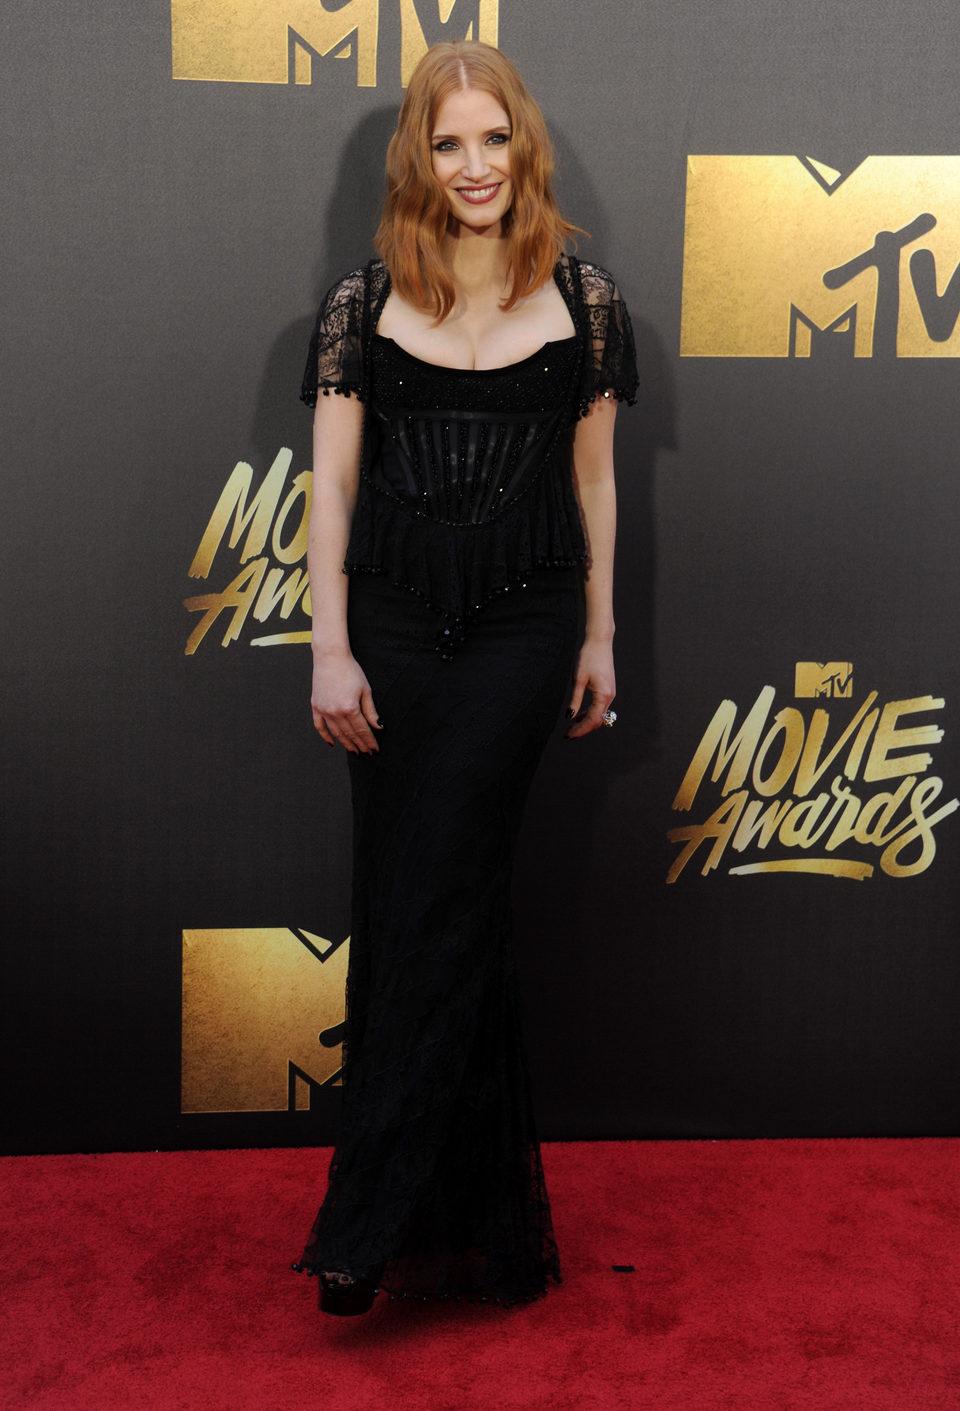 Jessica Chastain en la alfombra roja de los MTV Movie Awards 2016